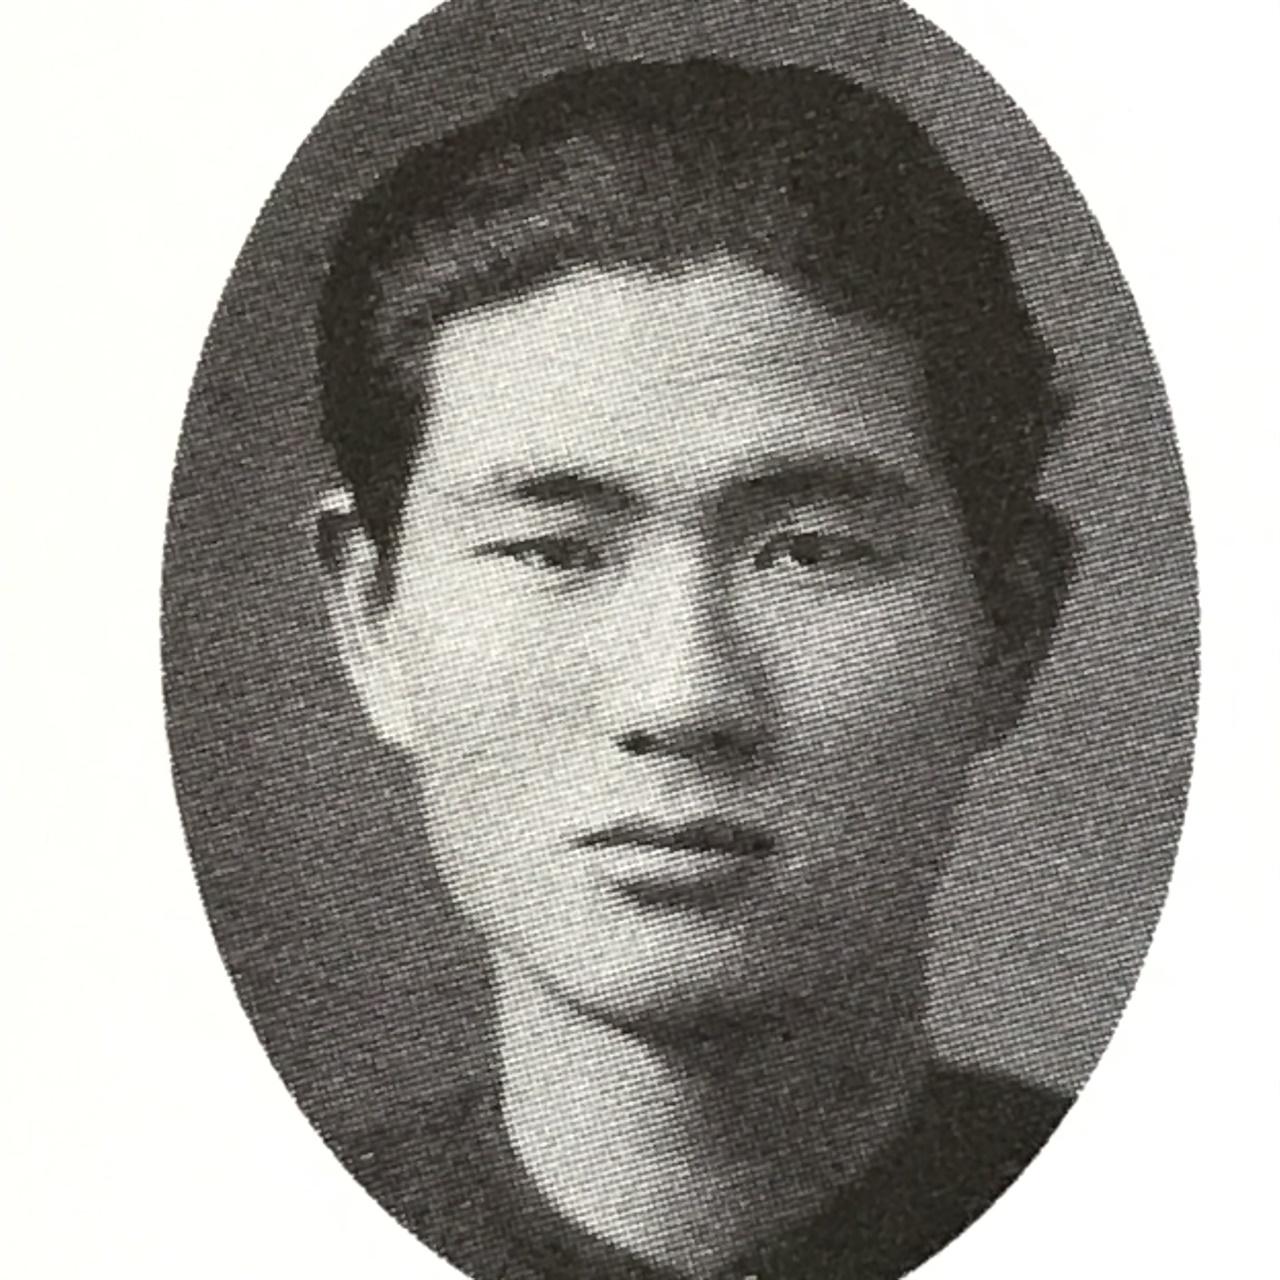 청년 박봉석 '한국 도서관의 아버지'라고 불리는 박봉석의 청년 시절. 중앙불교전문학교에 다닐 때 찍은 사진이다. 1905년 8월 22일 경남 밀양에서 태어난 박봉석은 1927년 3월 중앙고등보통학교를 졸업했다. 졸업 후 밀양군 표충공립보통학교에서 1년 동안 교사로 일했다. 교사를 그만둔 박봉석은 1929년 5월 중앙불교전수학교(중앙불교전문학교)에 입학했다.